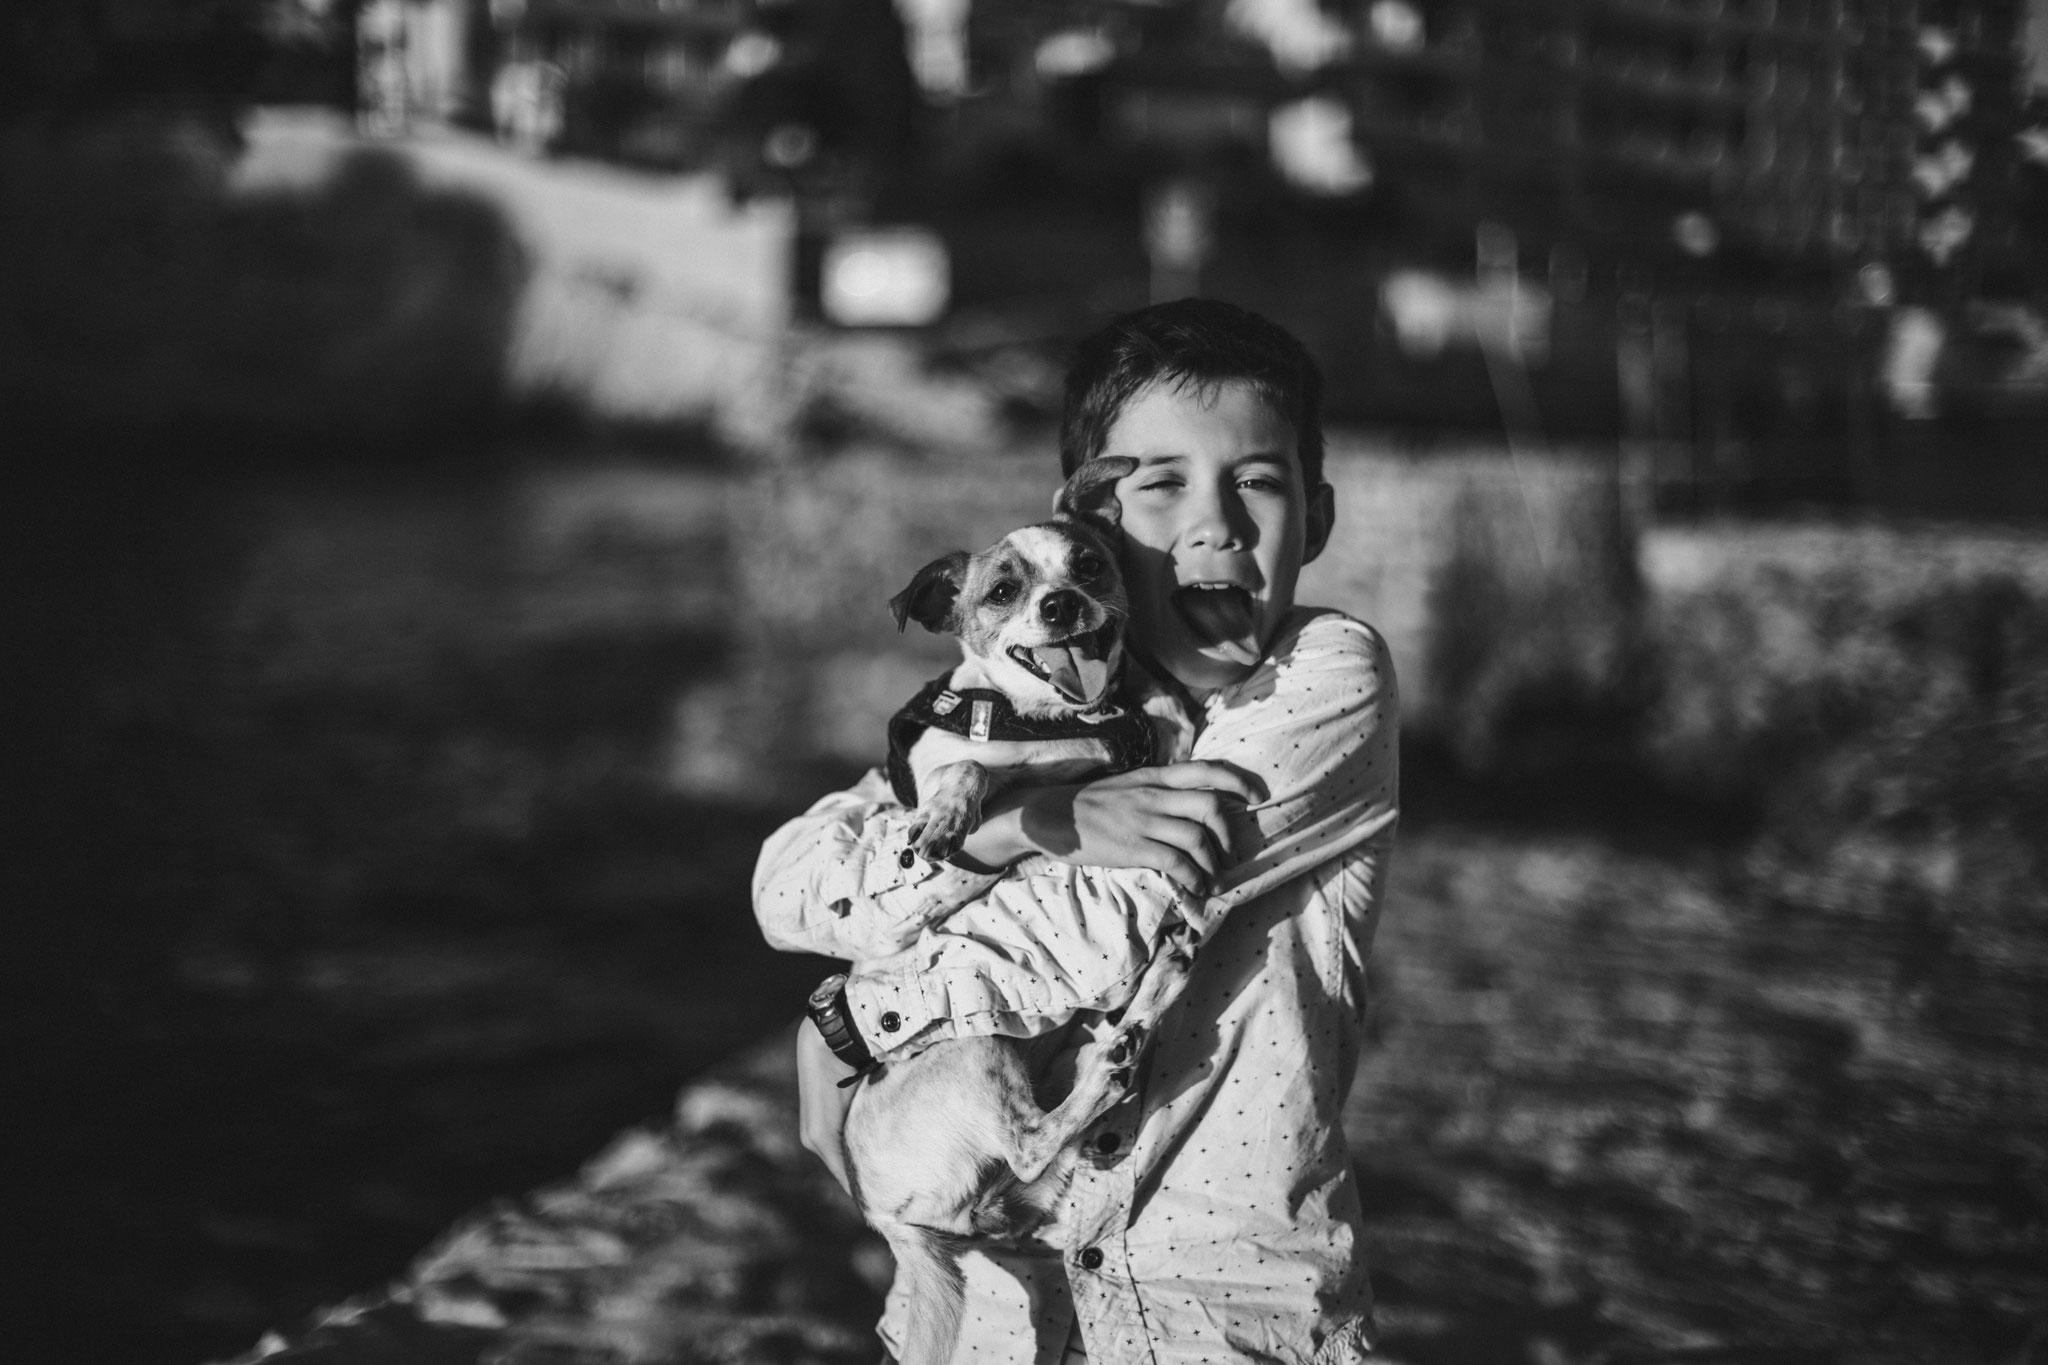 On tire la langue avec son chien, une grimace d'un garçon et son chien à Cassis Paca Provence